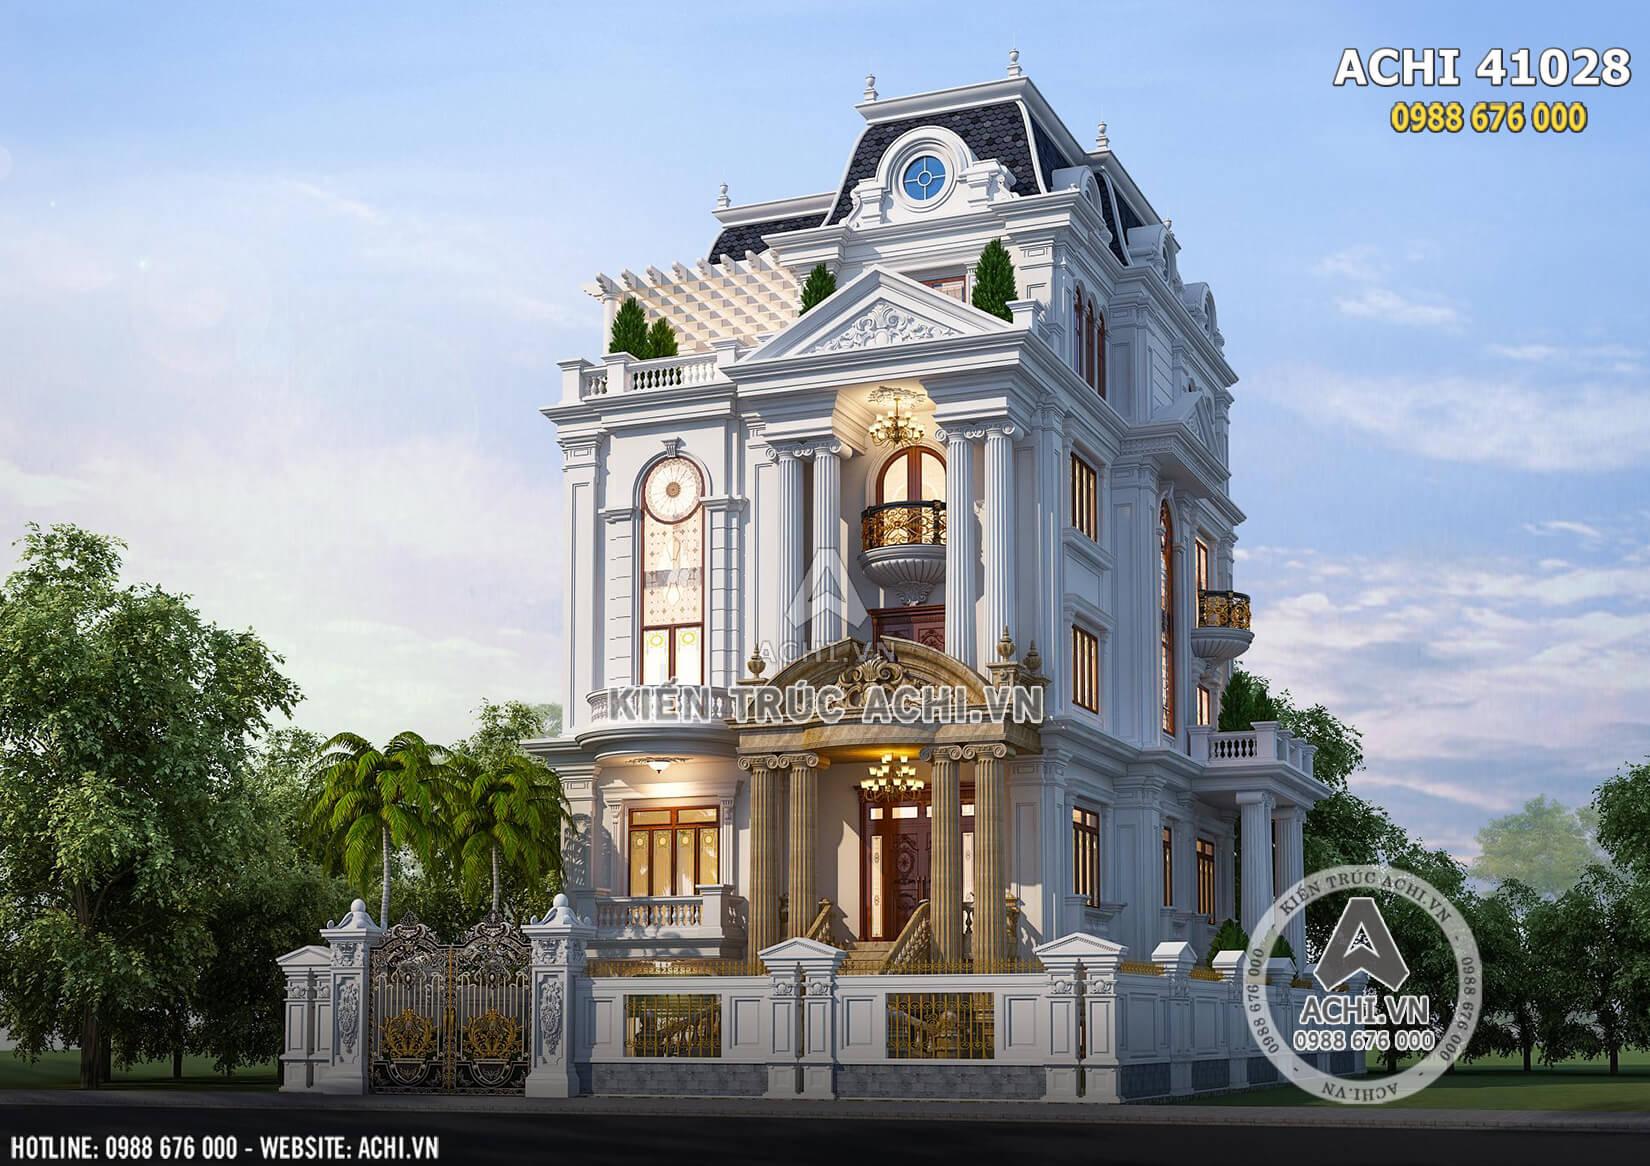 Mẫu thiết kế biệt thự tân cổ điển 4 tầng đẹp - ACHI 41028